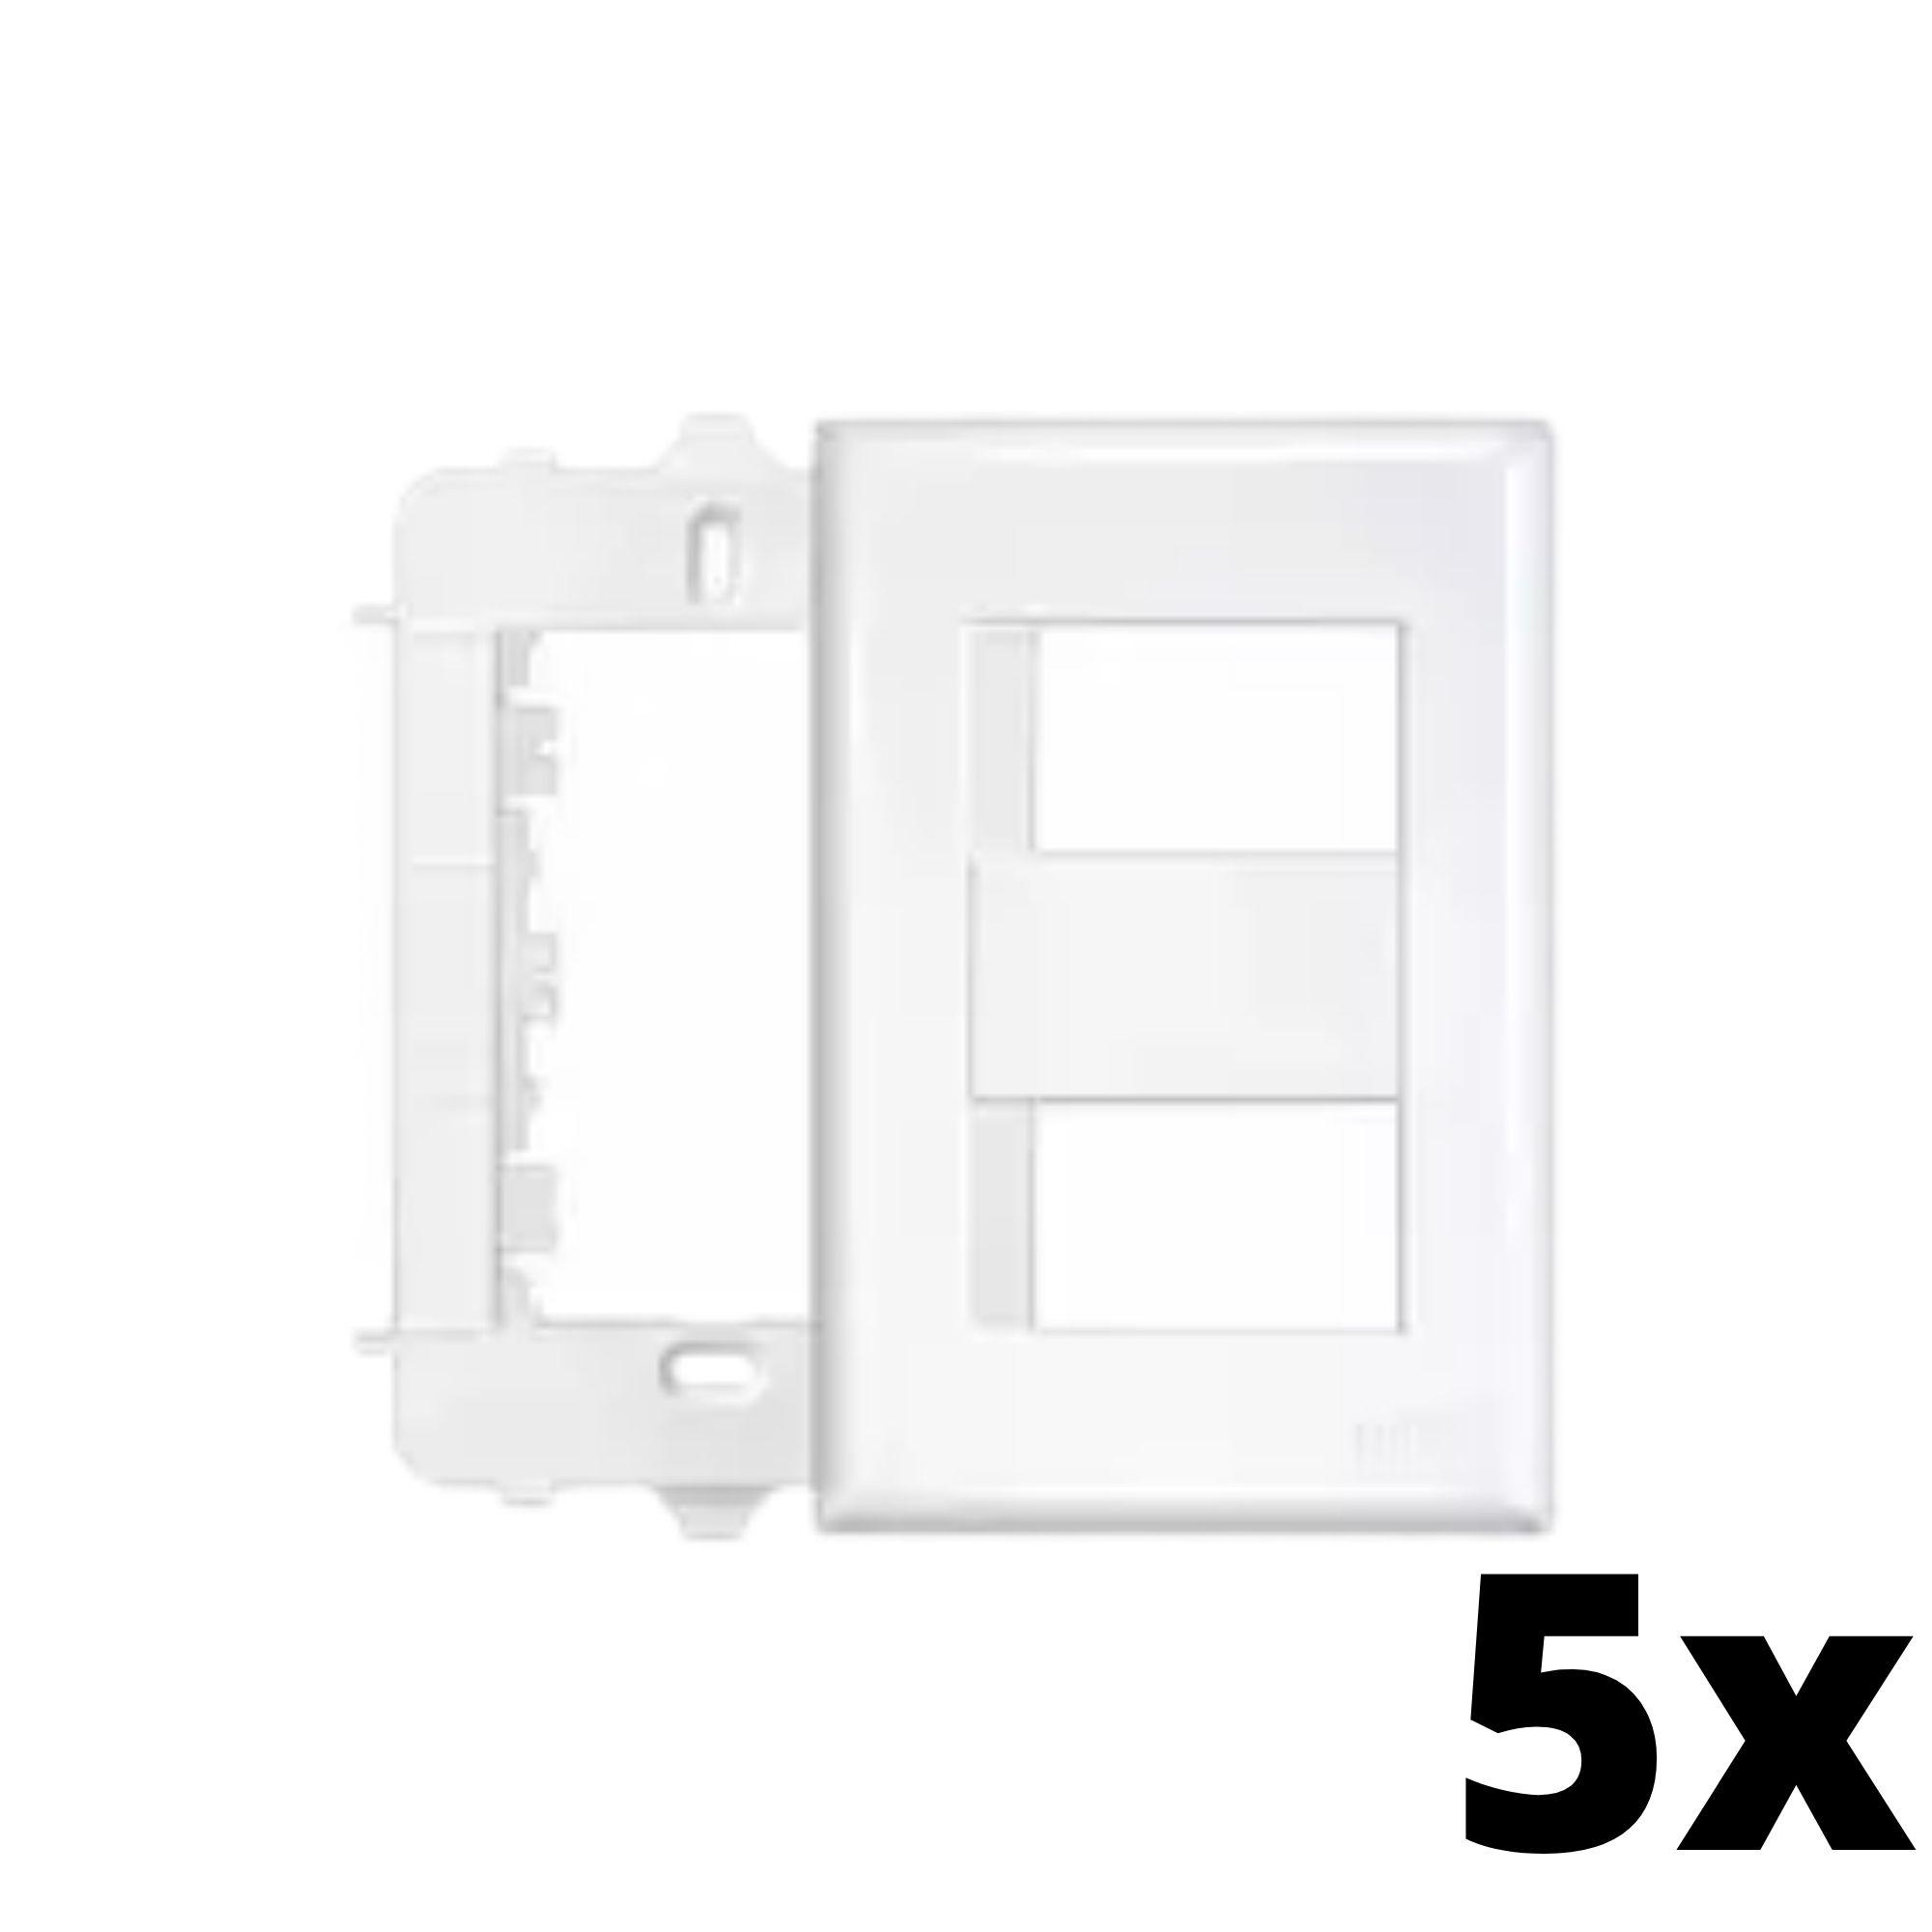 Kit 5 und Evidence Placa 4x2 2 Seções Distanciadas